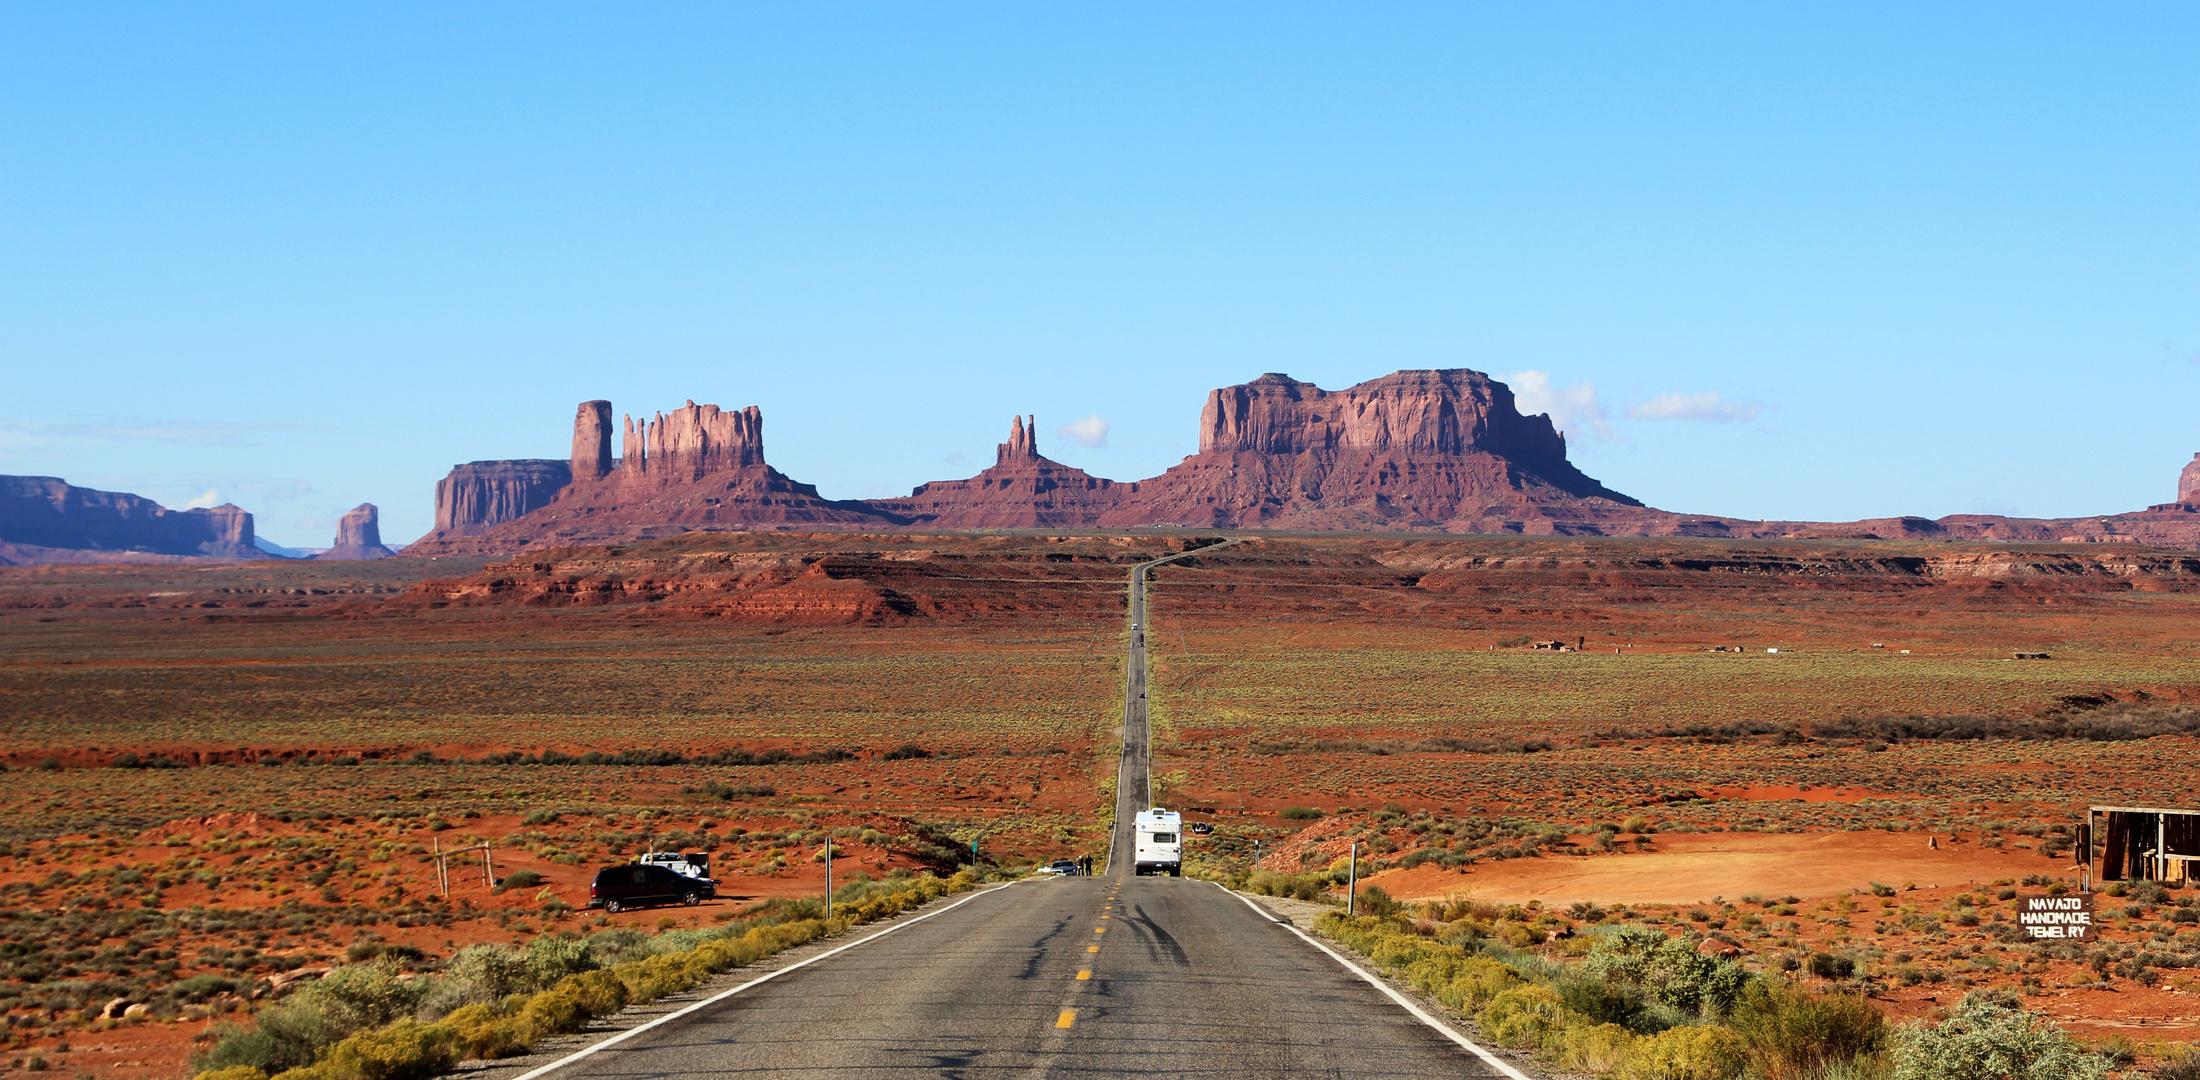 Wüste - Monument Valley